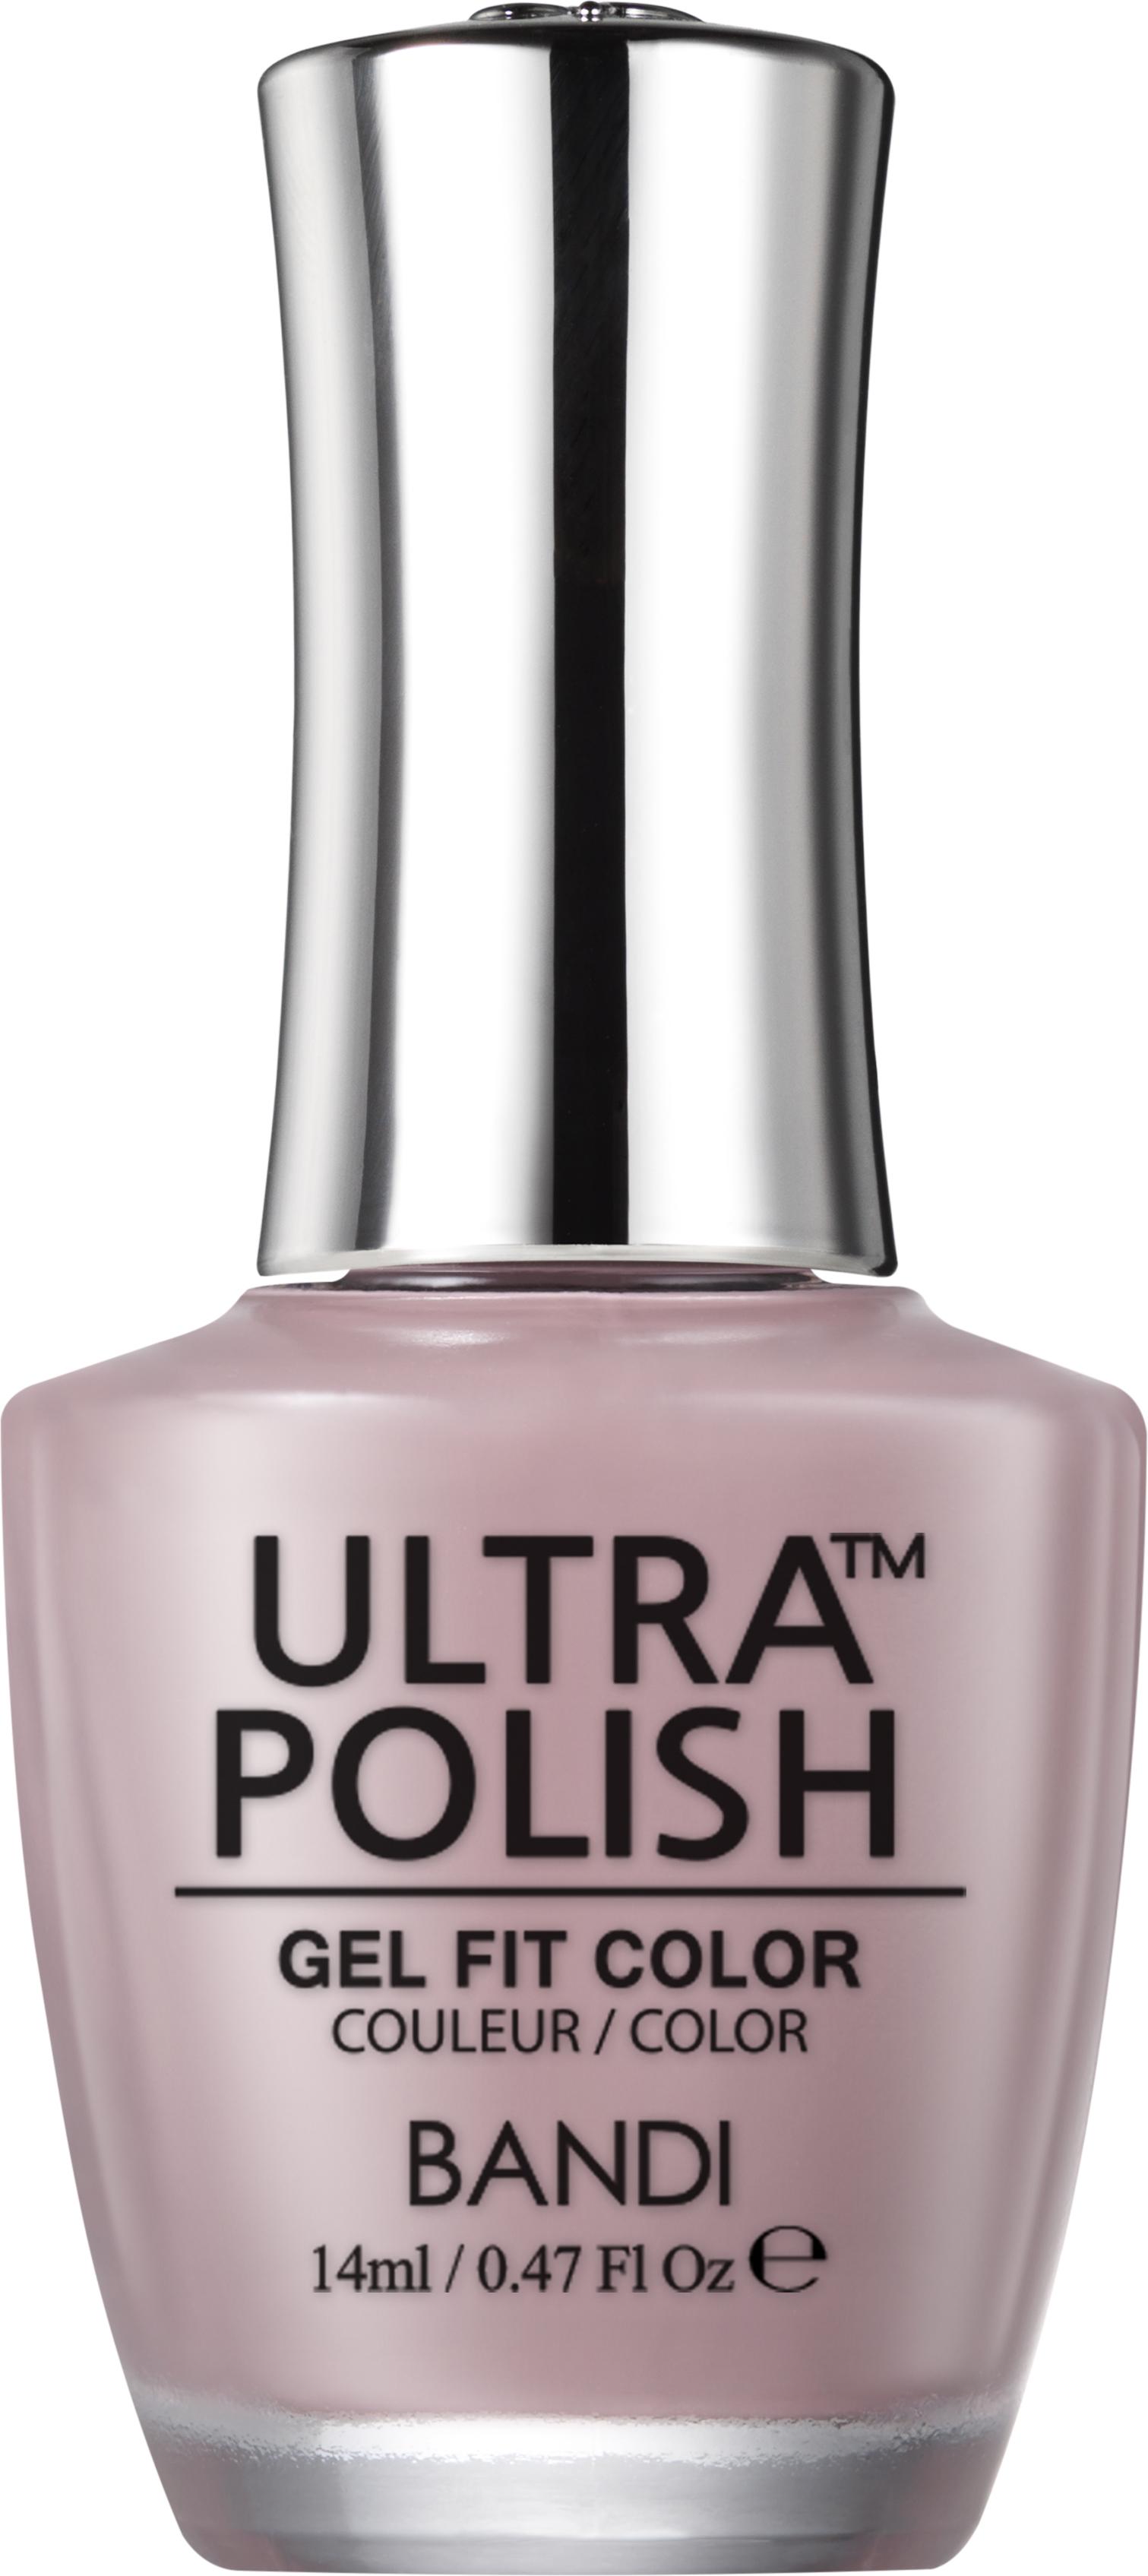 BANDI UP110 ультра-покрытие долговременное цветное для ногтей / ULTRA POLISH GEL FIT COLOR 14 мл фото